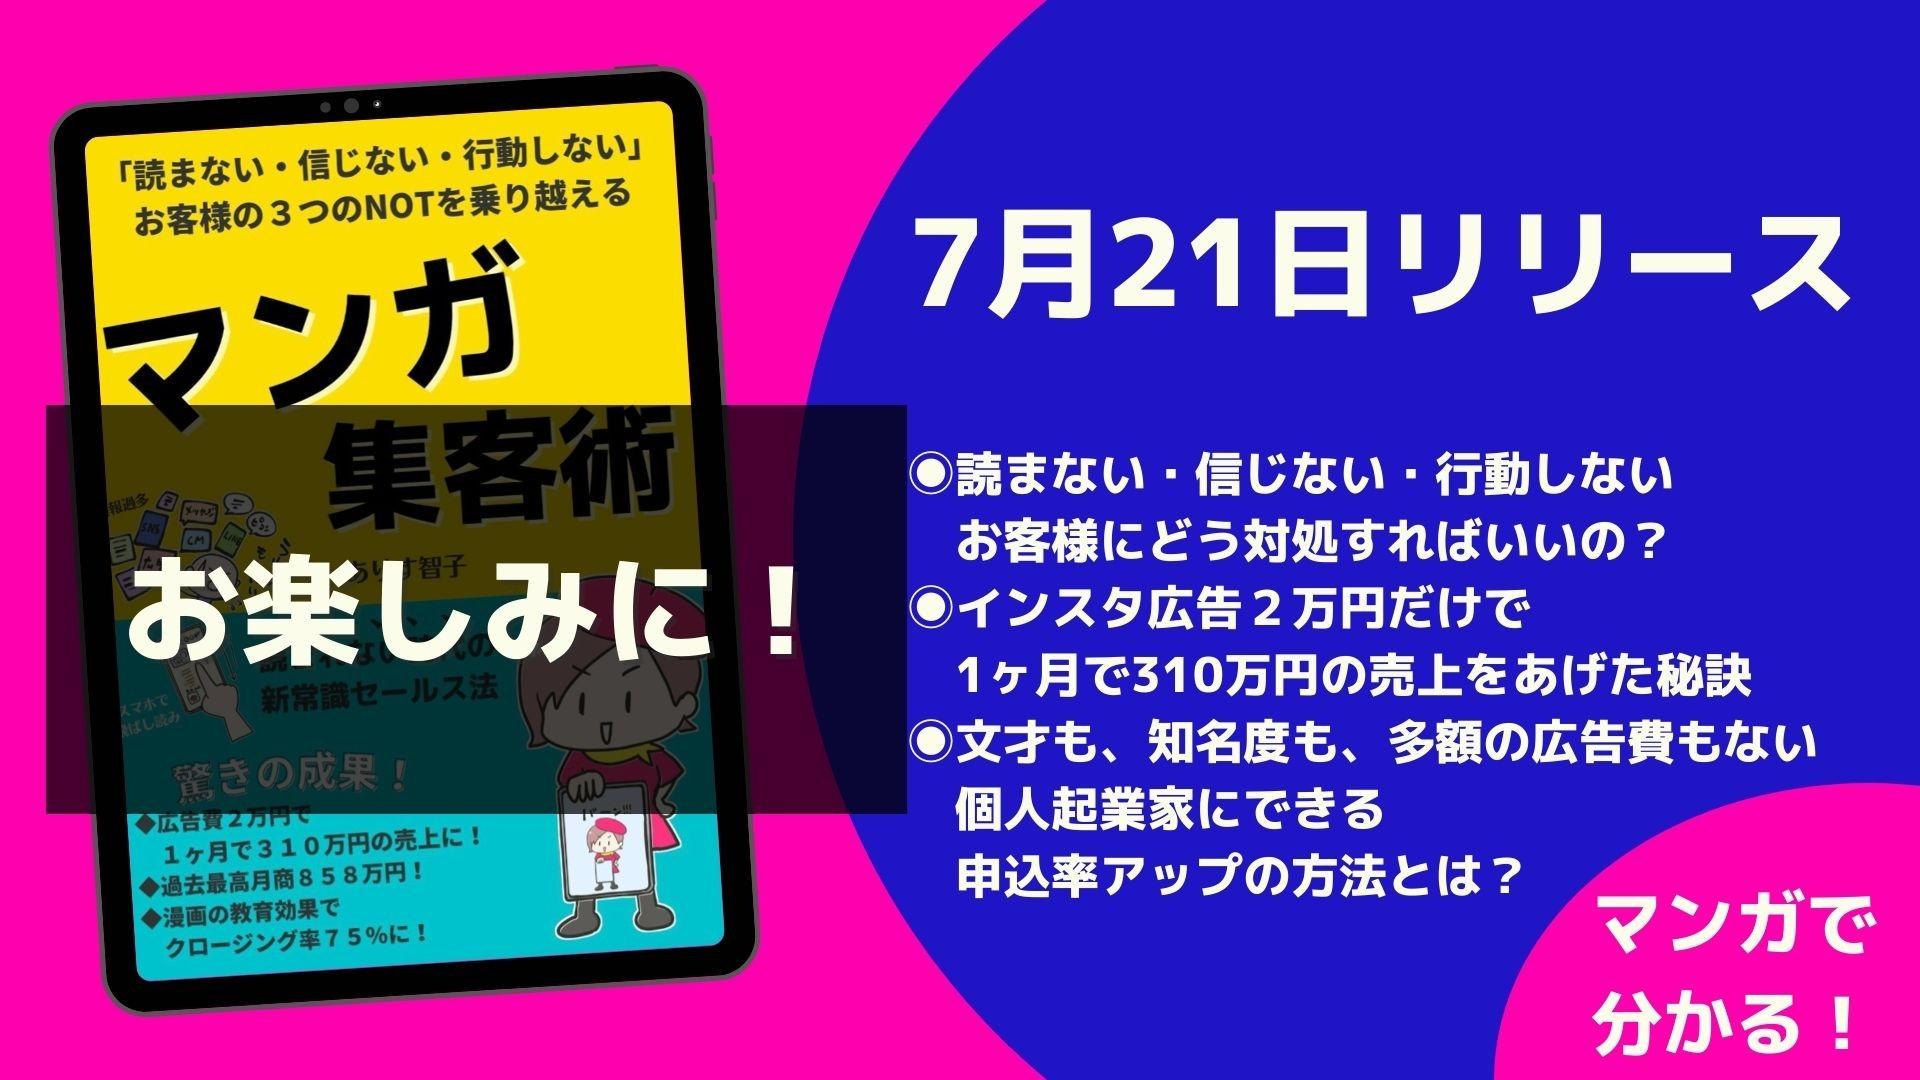 無料電子書籍バナー (2).jpg